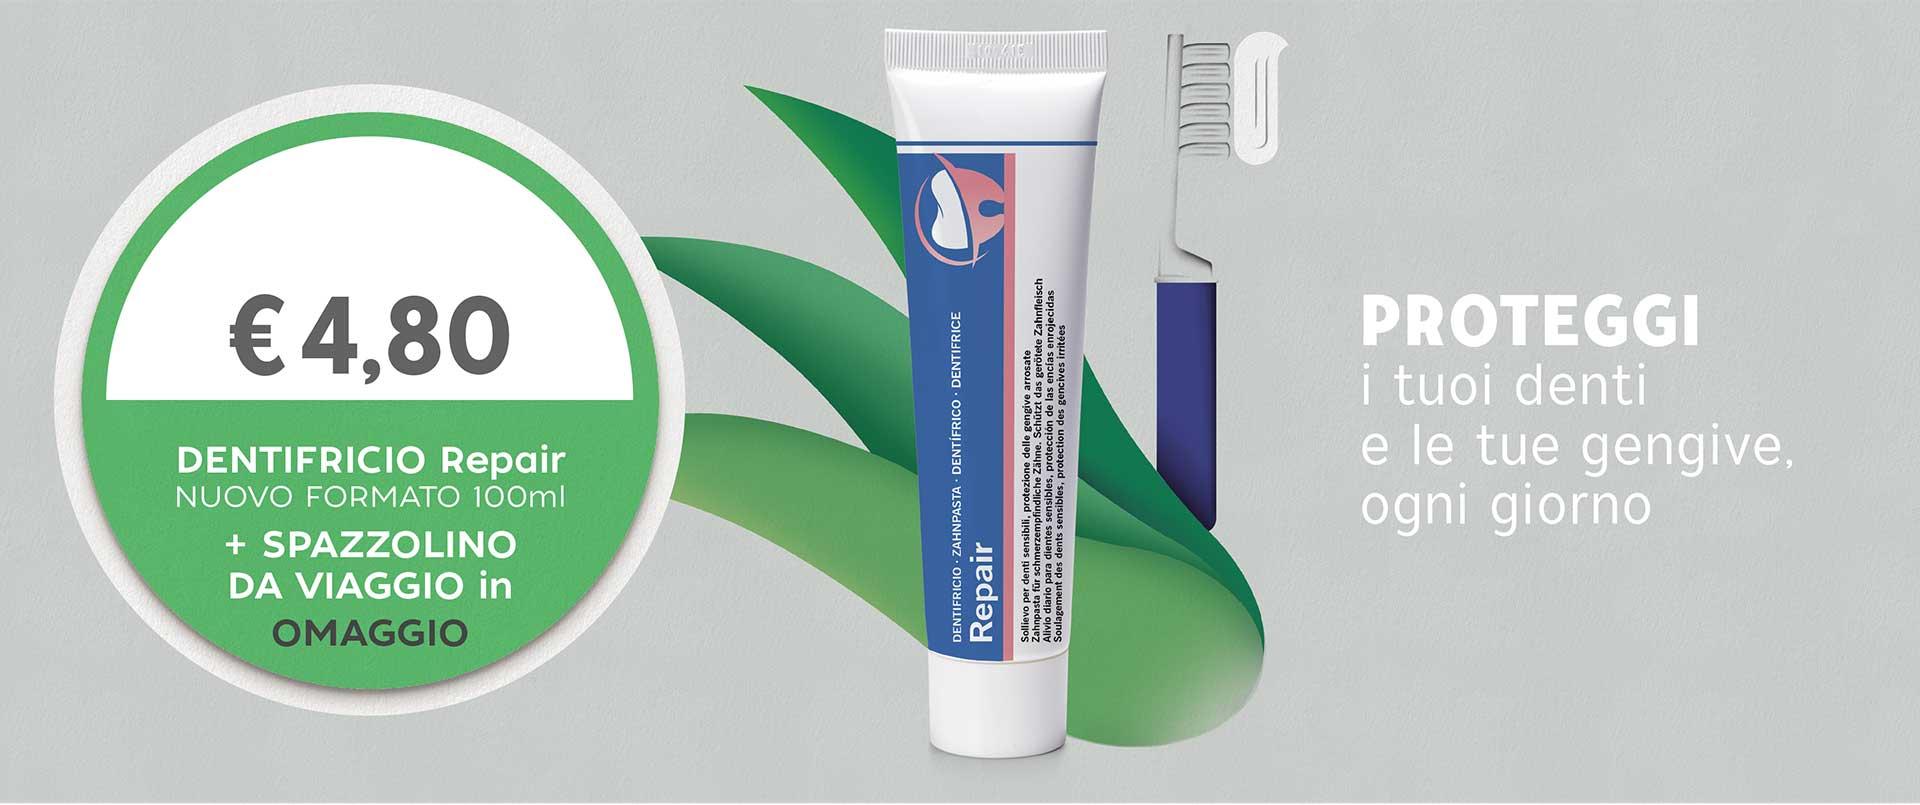 DENTIFRICIO Repair con spazzolino da viaggio farmacia dell'asilo susa